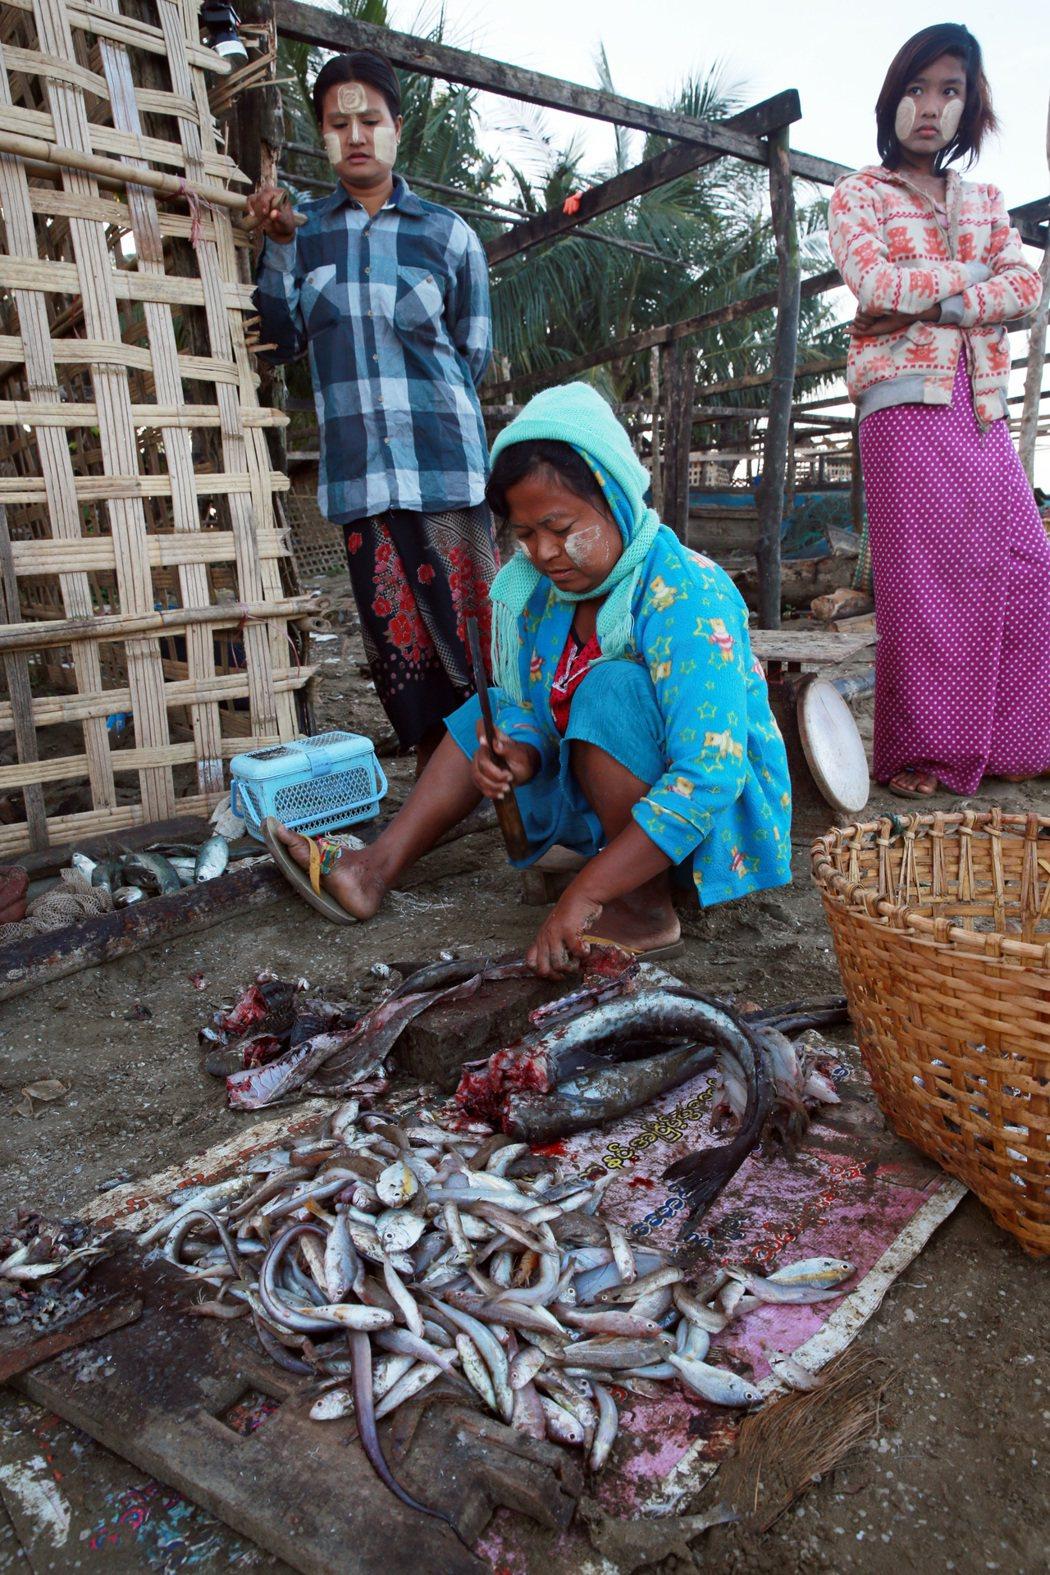 緬甸婦女在漁村殺魚販賣。 記者黃義書/攝影